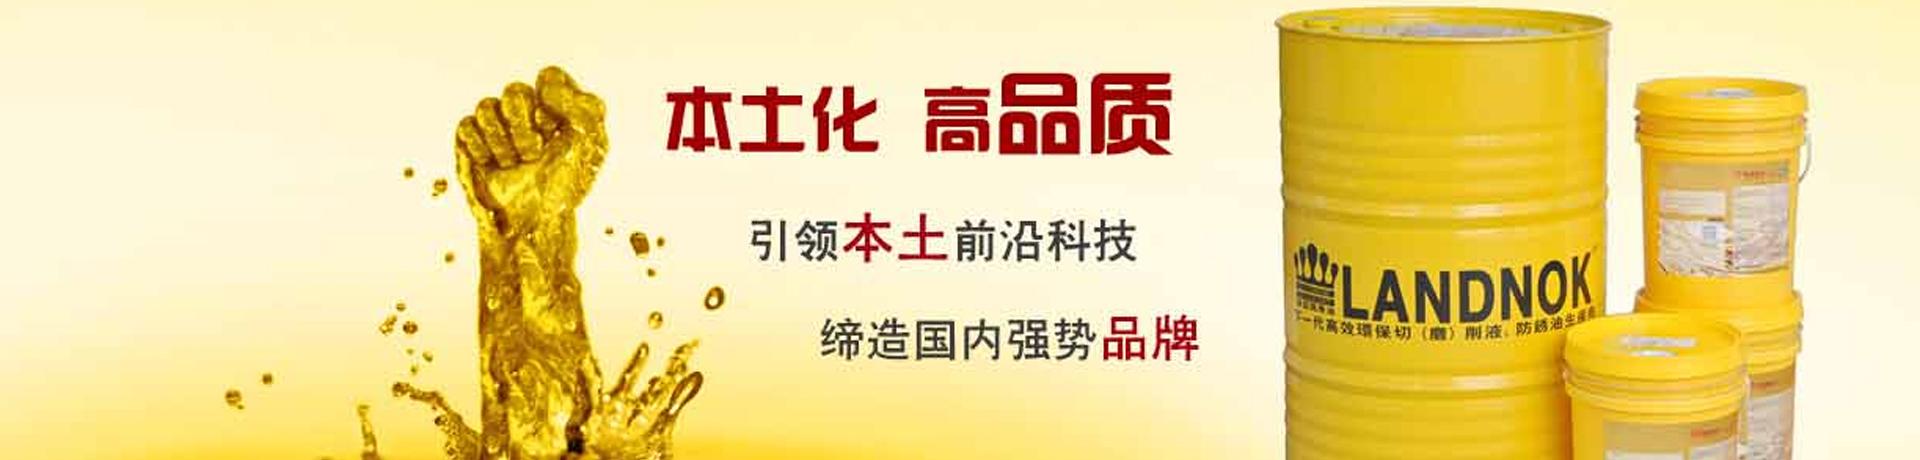 广州市联诺化工科技有限公司